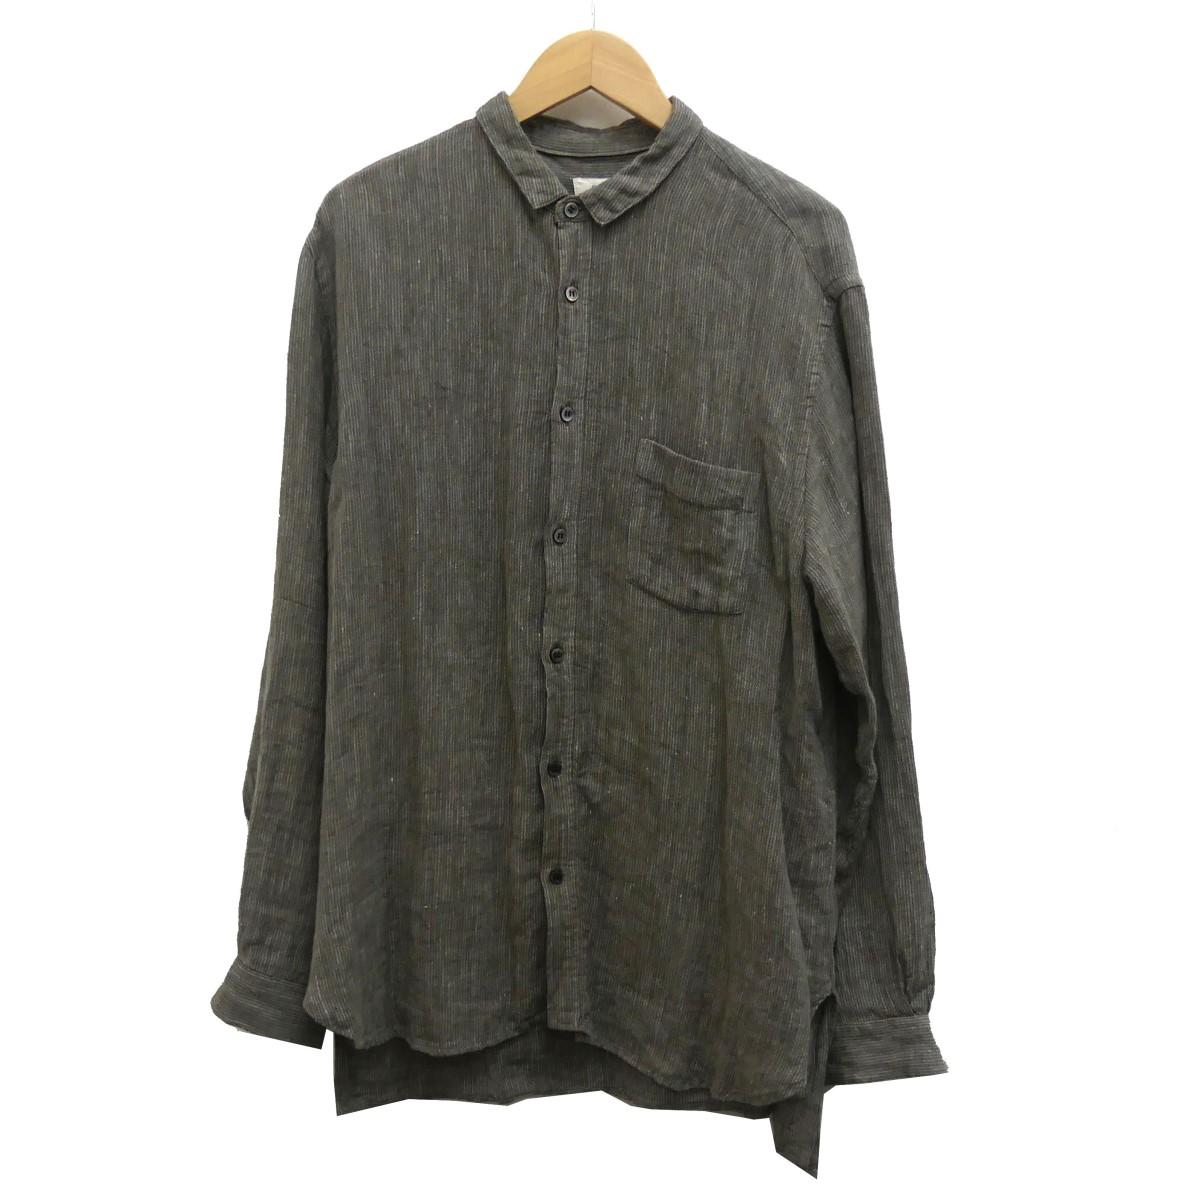 【中古】nest Robe confect 19AW リネンストライプボタンダウンシャツ カーキ サイズ:4 【090420】(ネストローブコンフェクト)